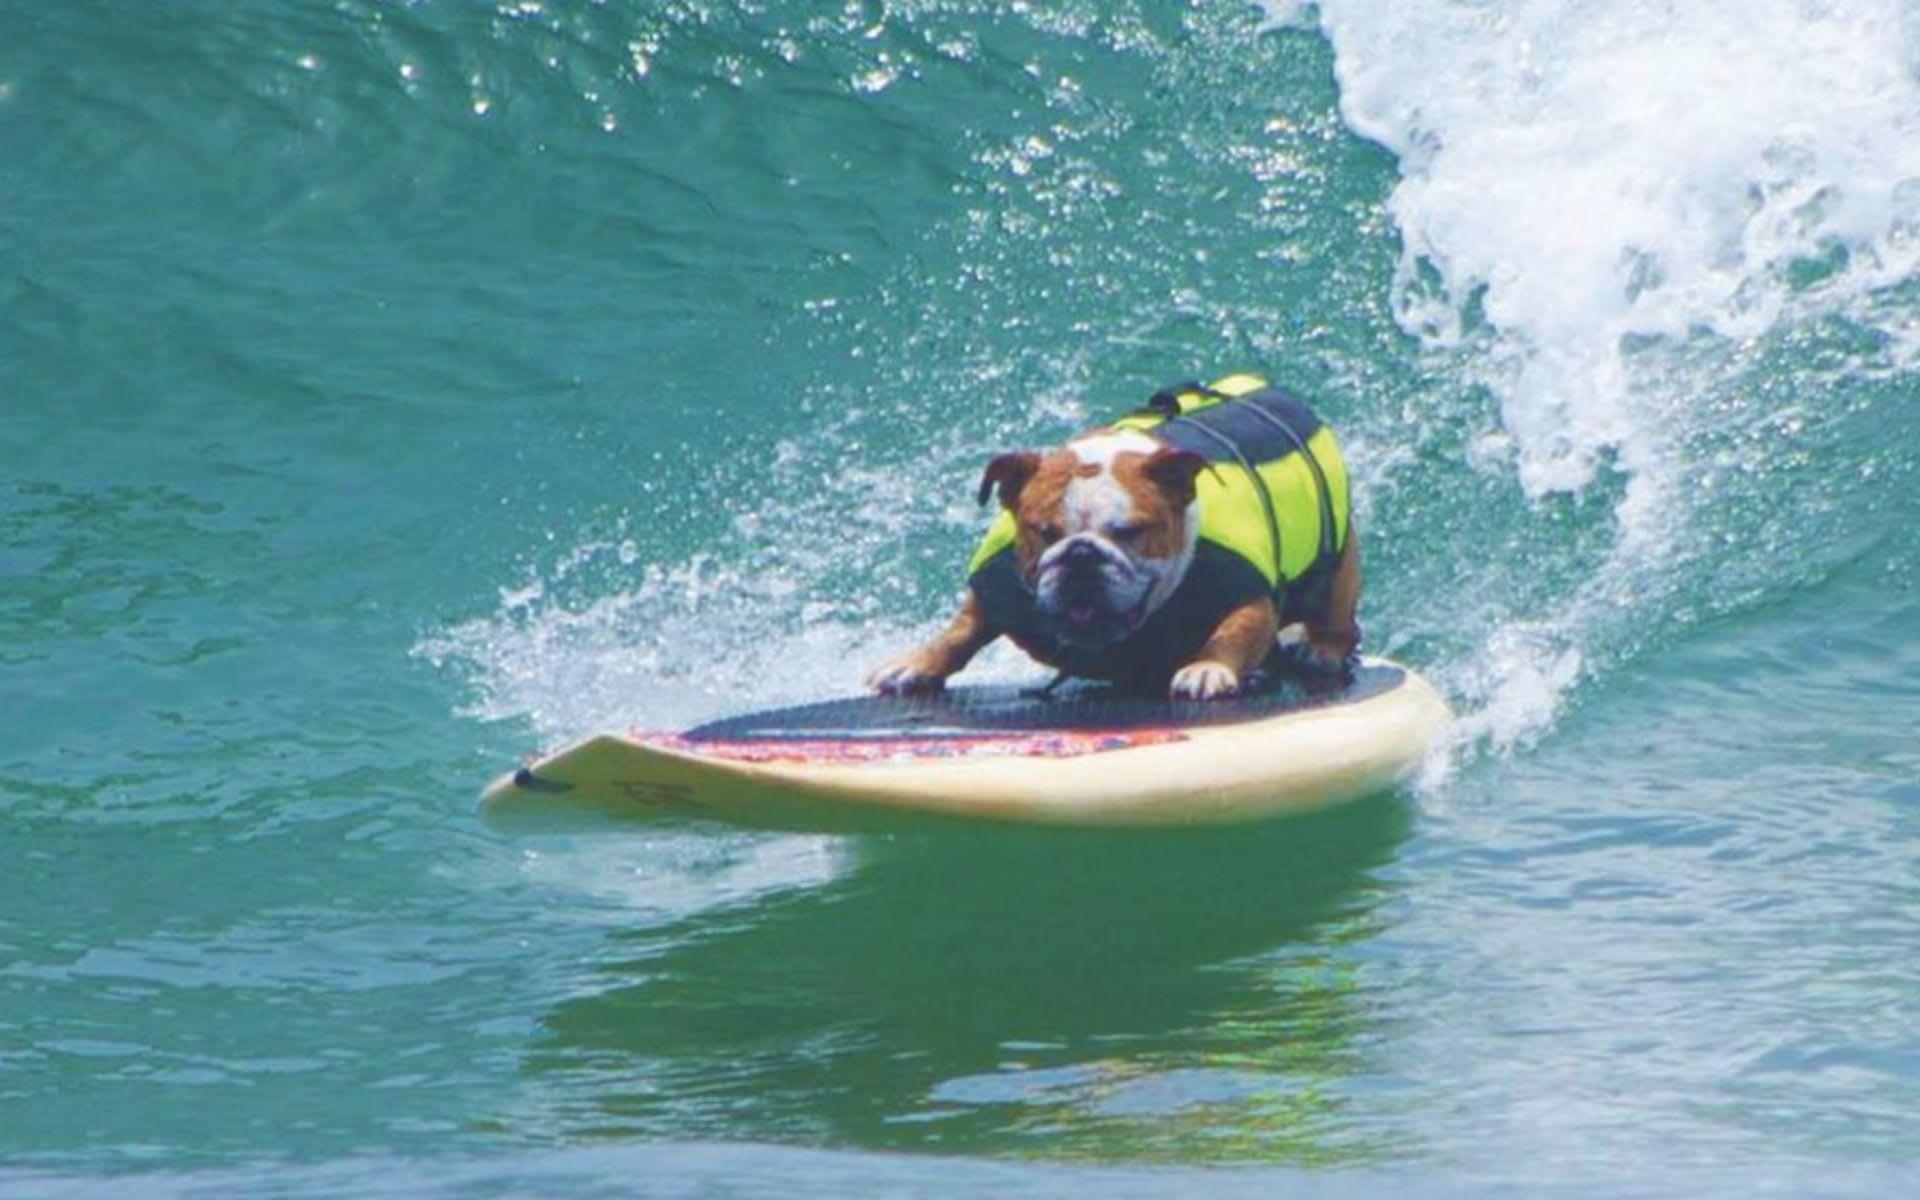 Los Perros Surfistas